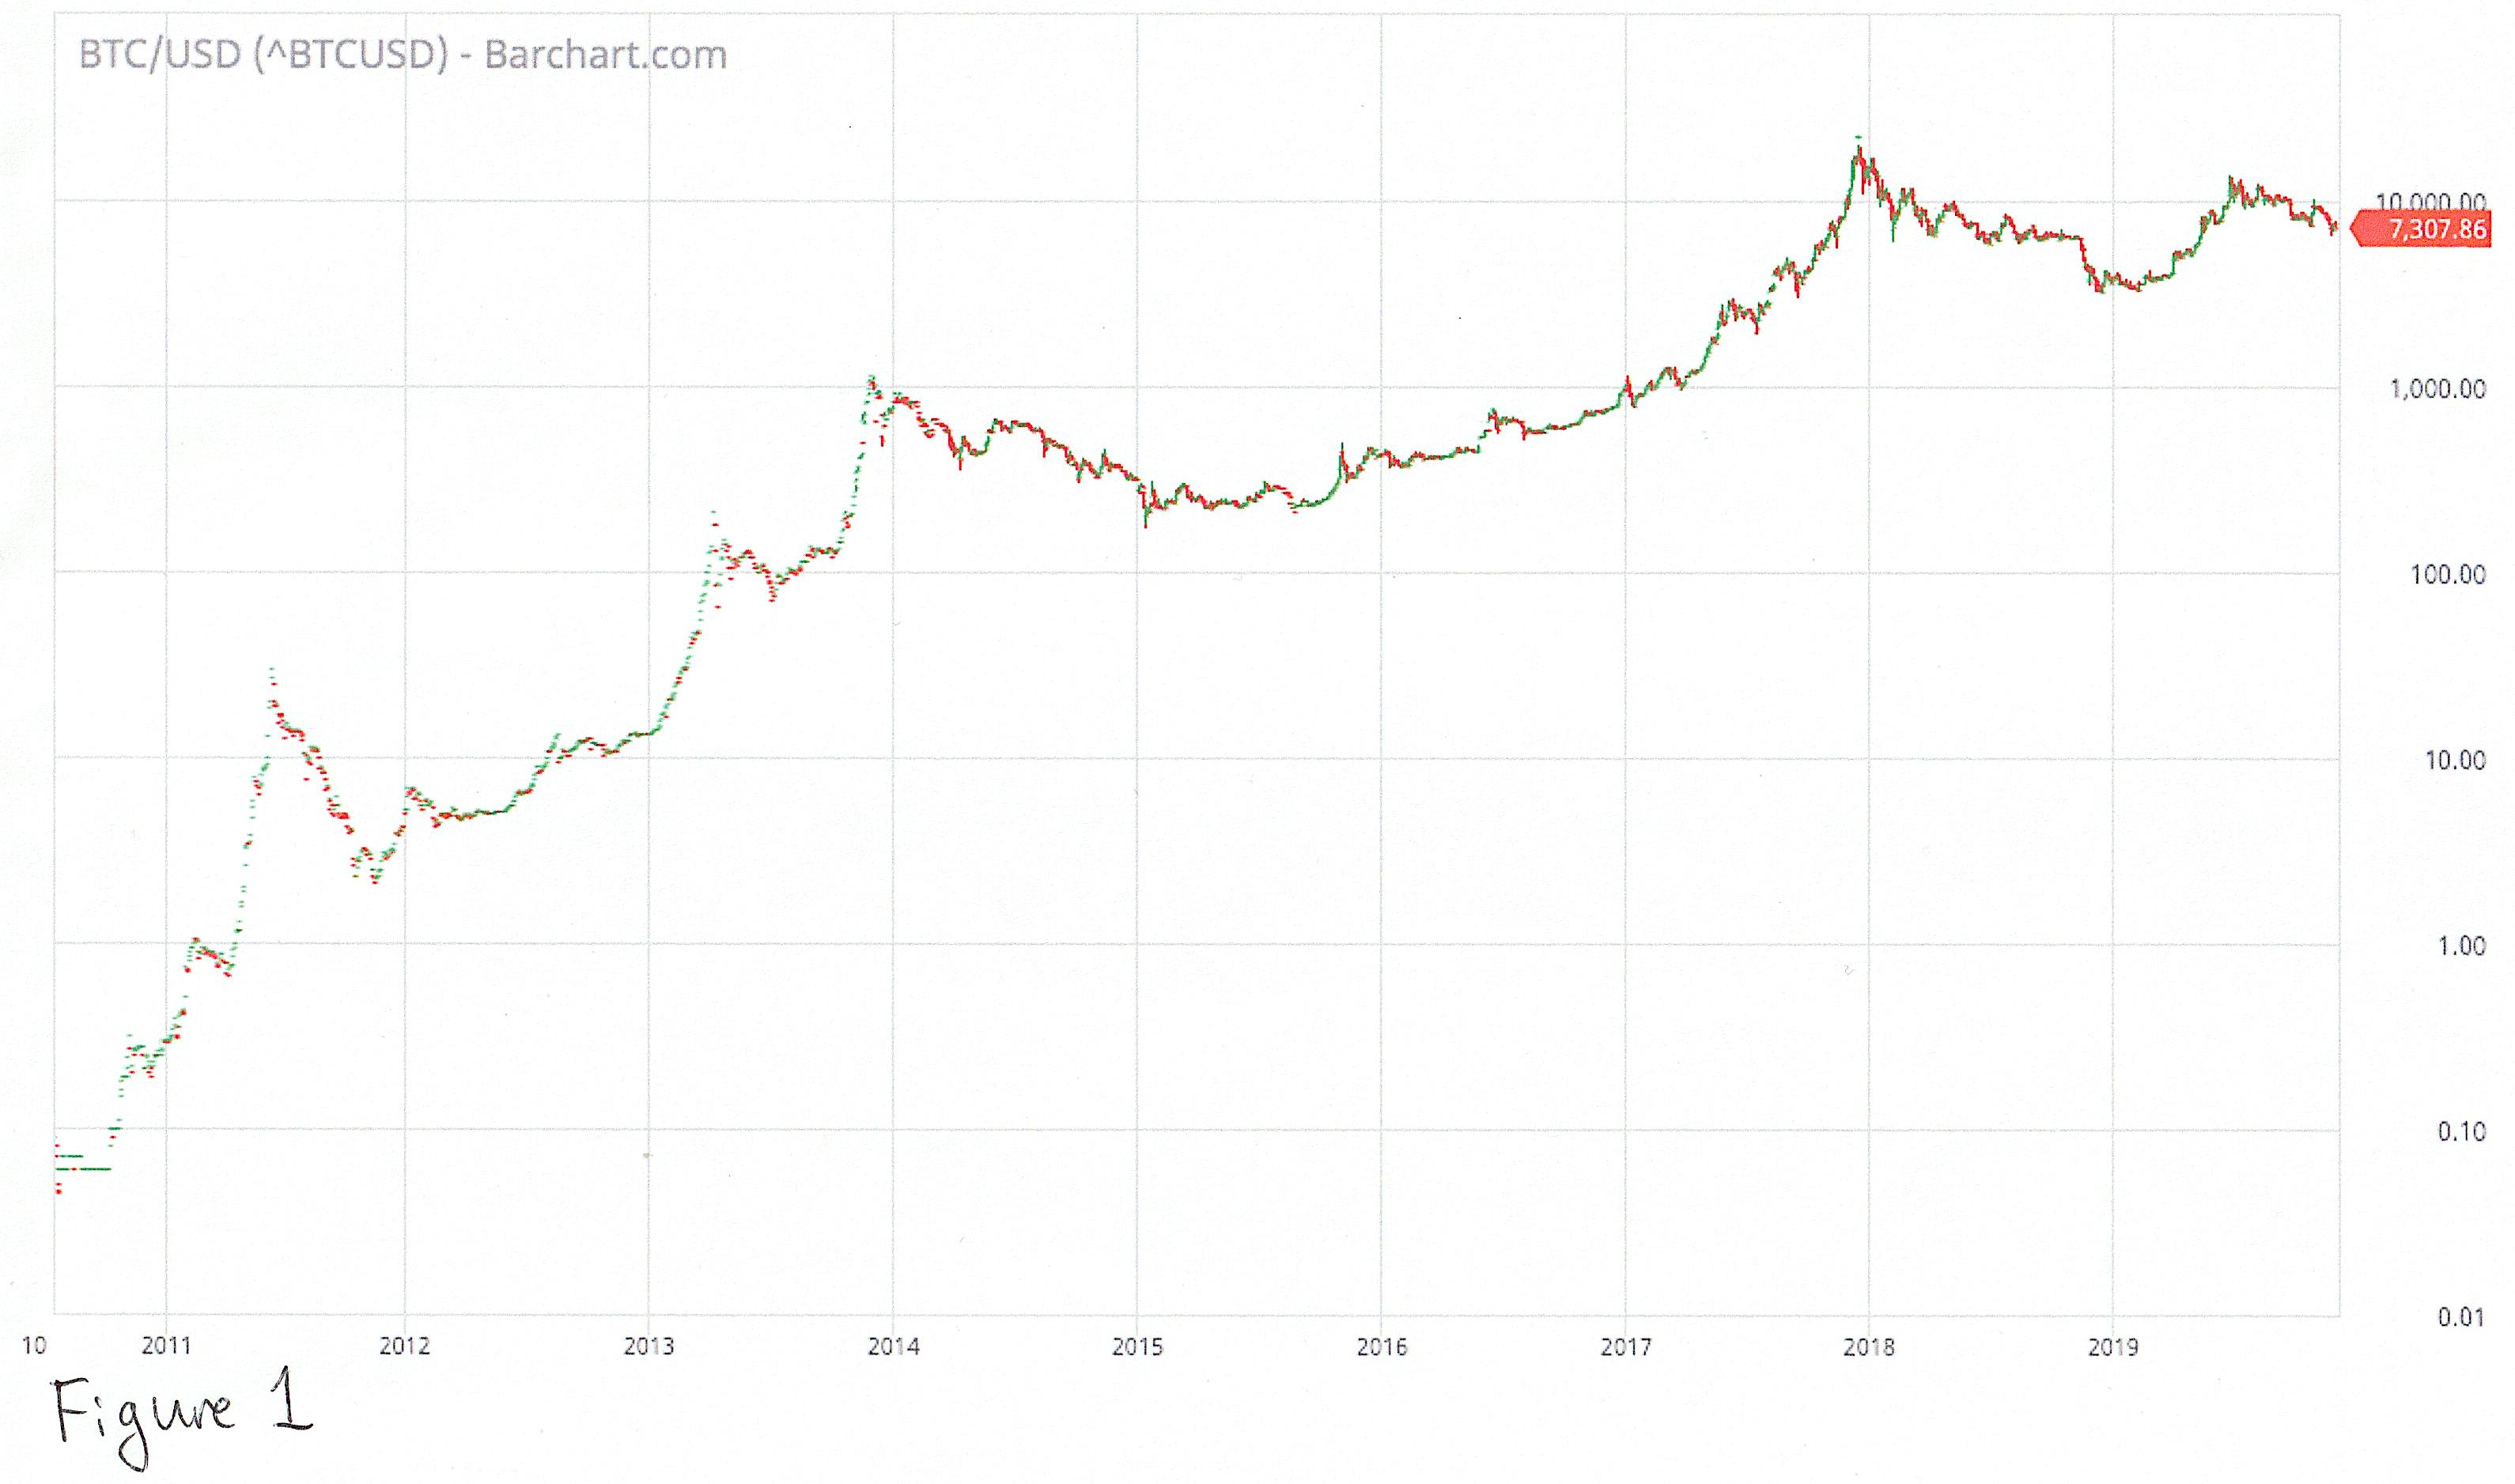 Tauragessc kas yra geresnis investicinis bitkoinas ar monero Kaip Bitkoinas kasamas?